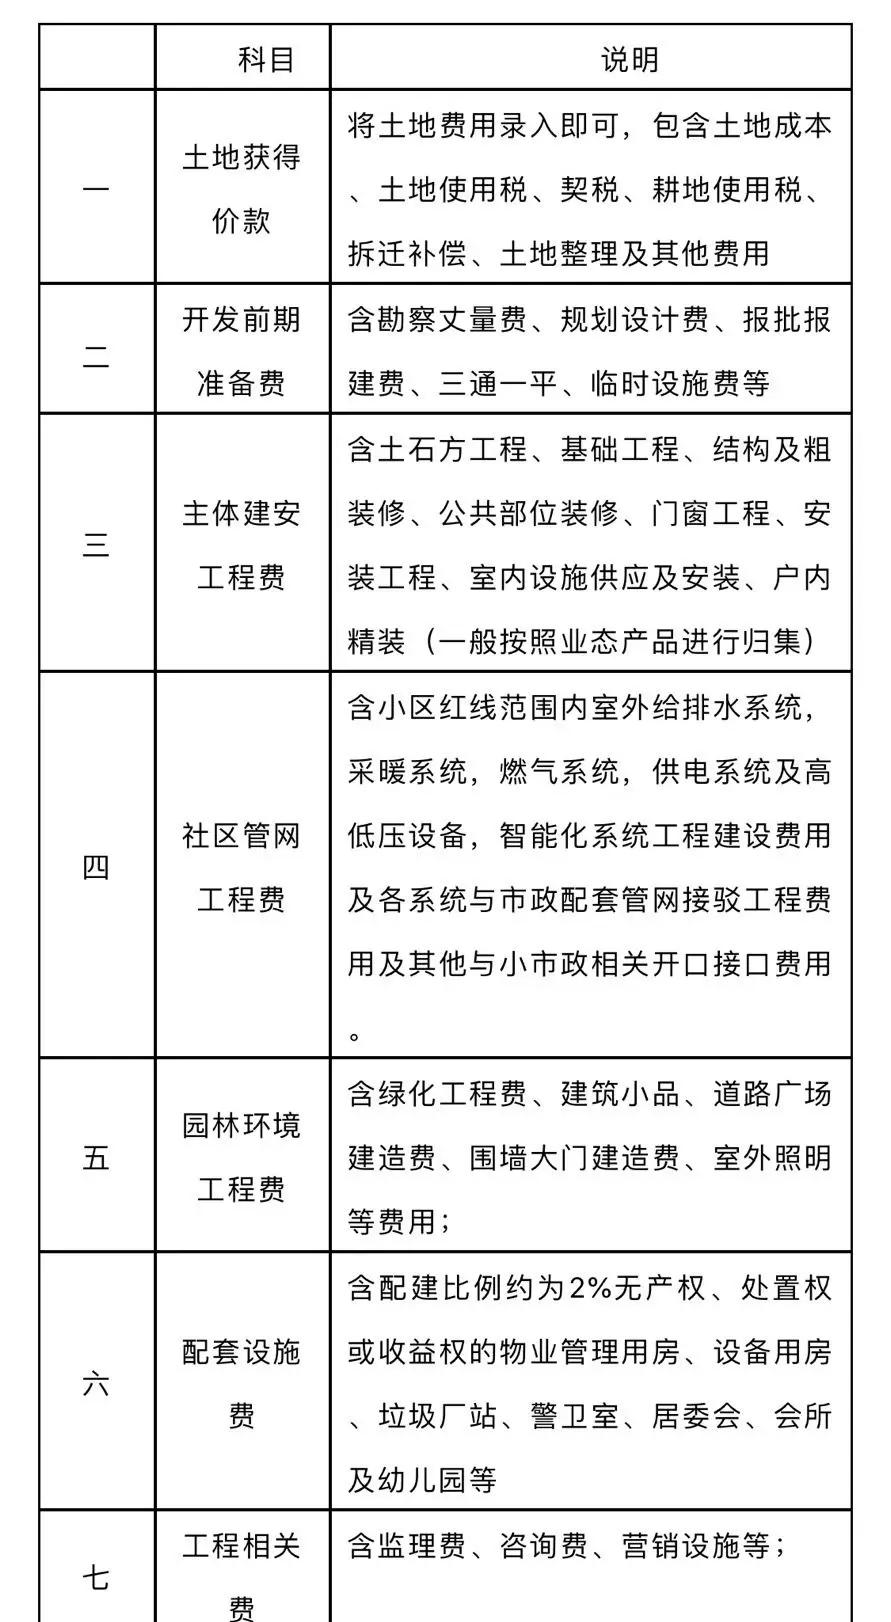 对住建部这份良心建议稿的六点理解-中国网地产